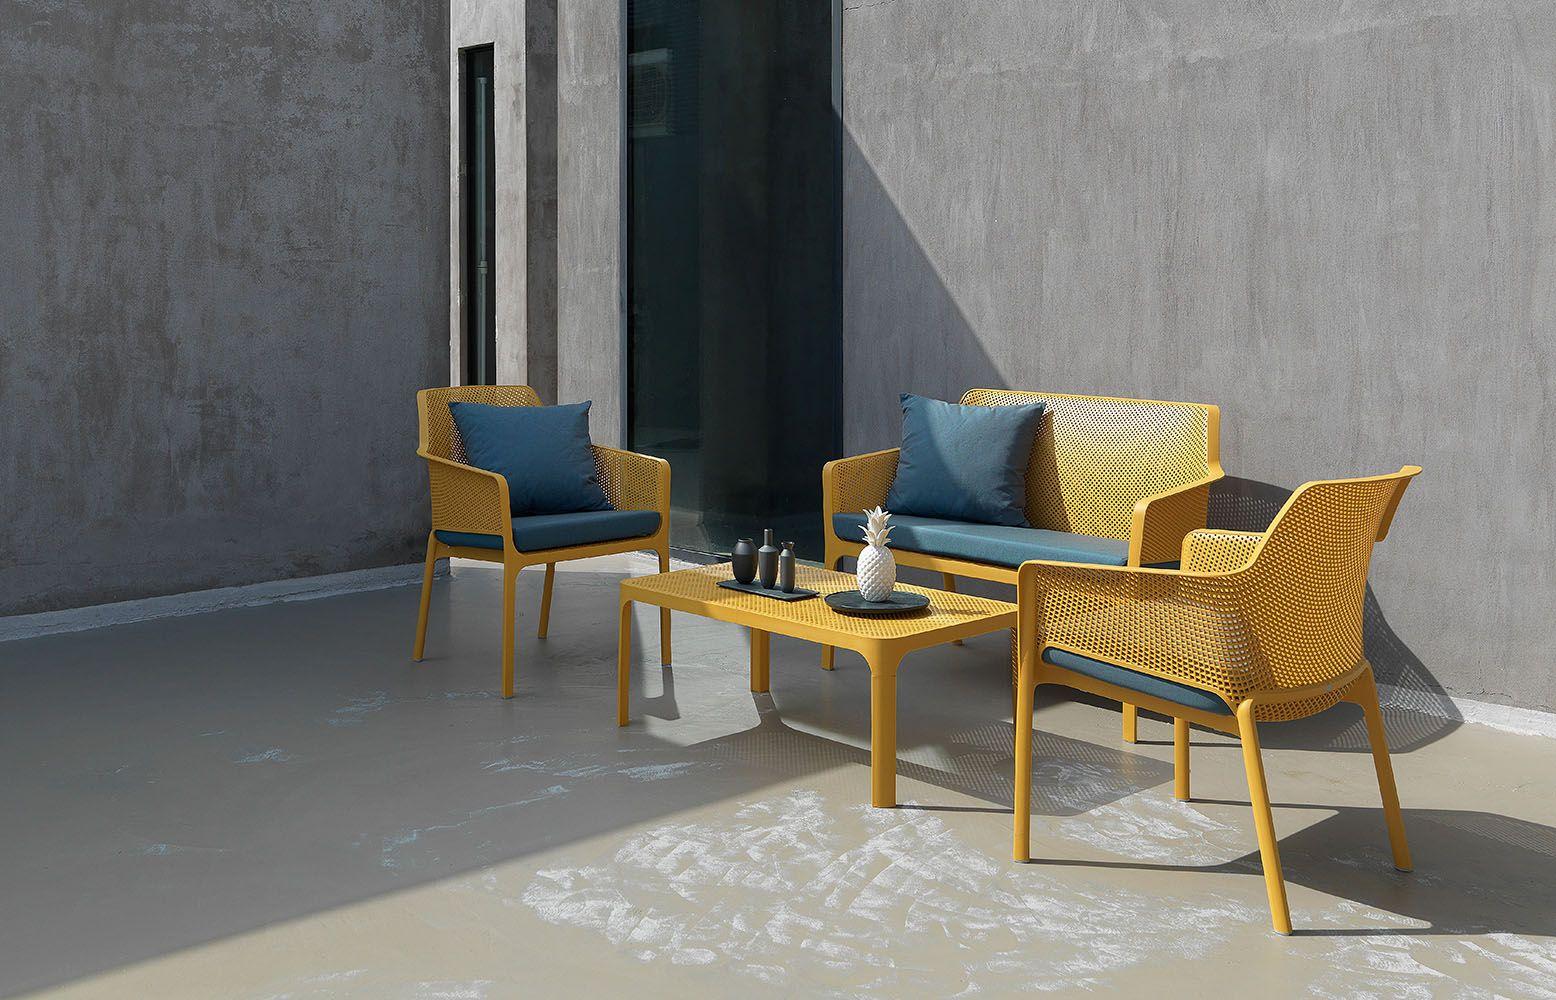 Tavoli E Sedie Da Giardino Nardi.Sedie E Tavoli Da Giardino E Contract Da Interno E Outdoor